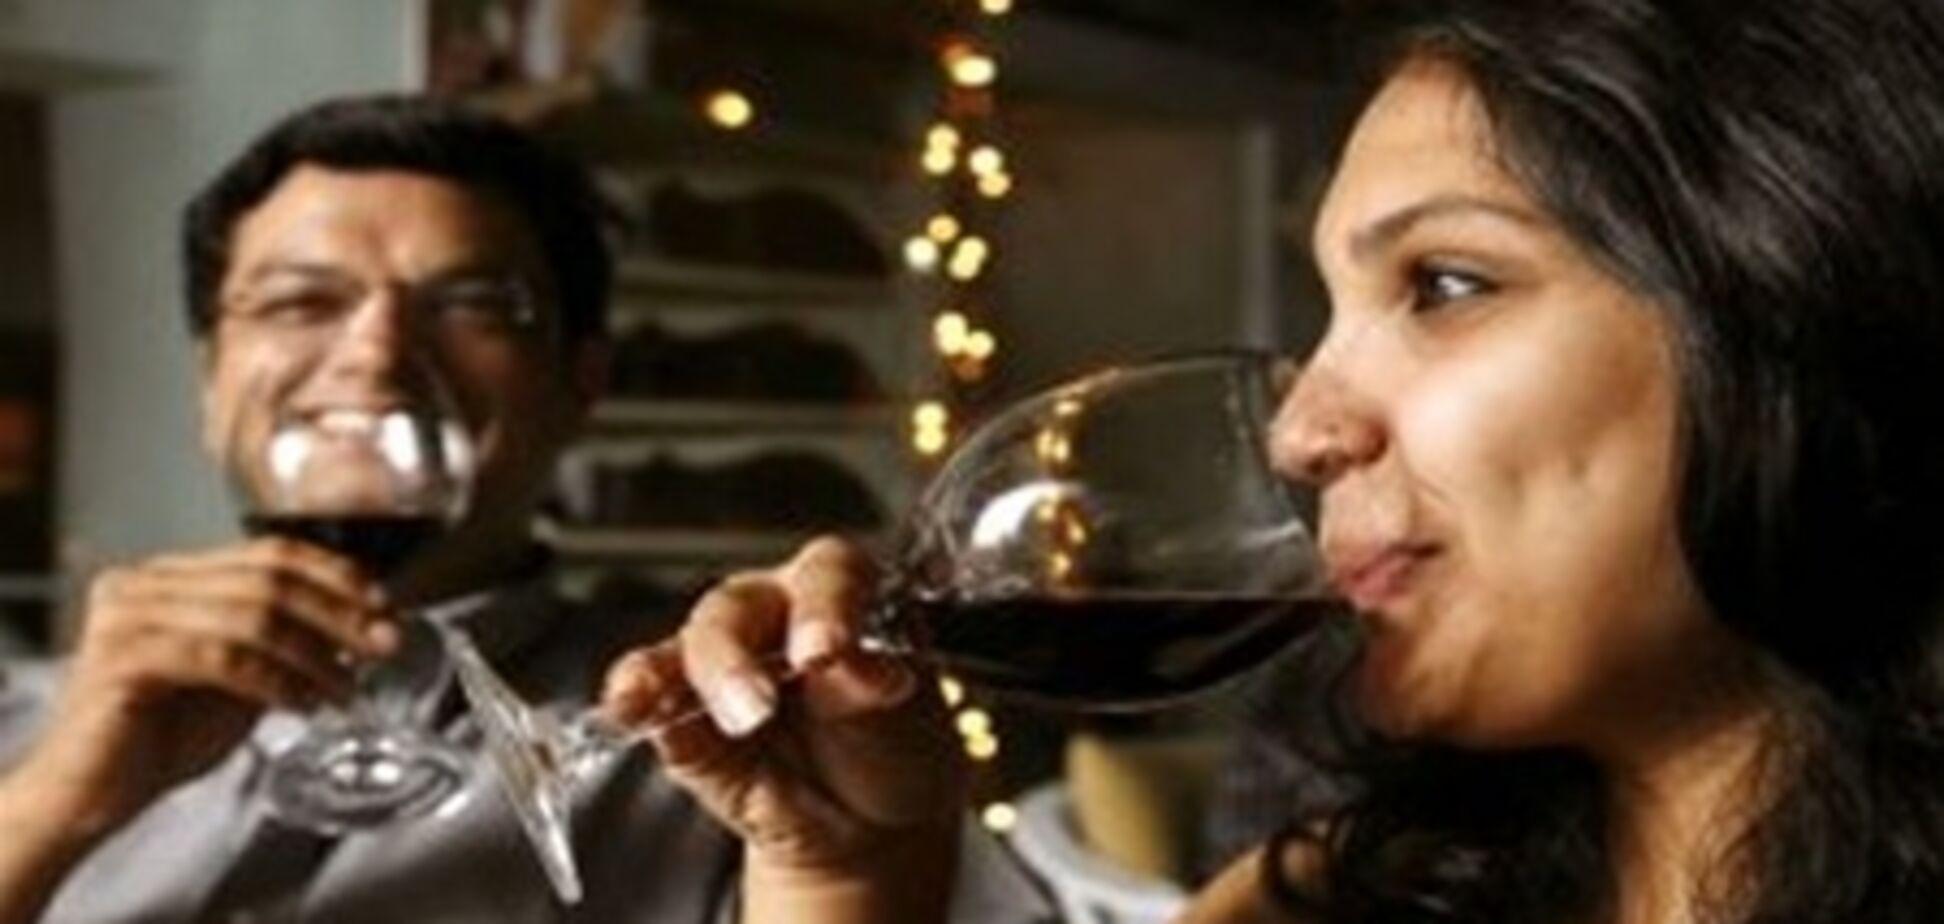 Жінки з країни йогів і слонів пристрастилися до вина